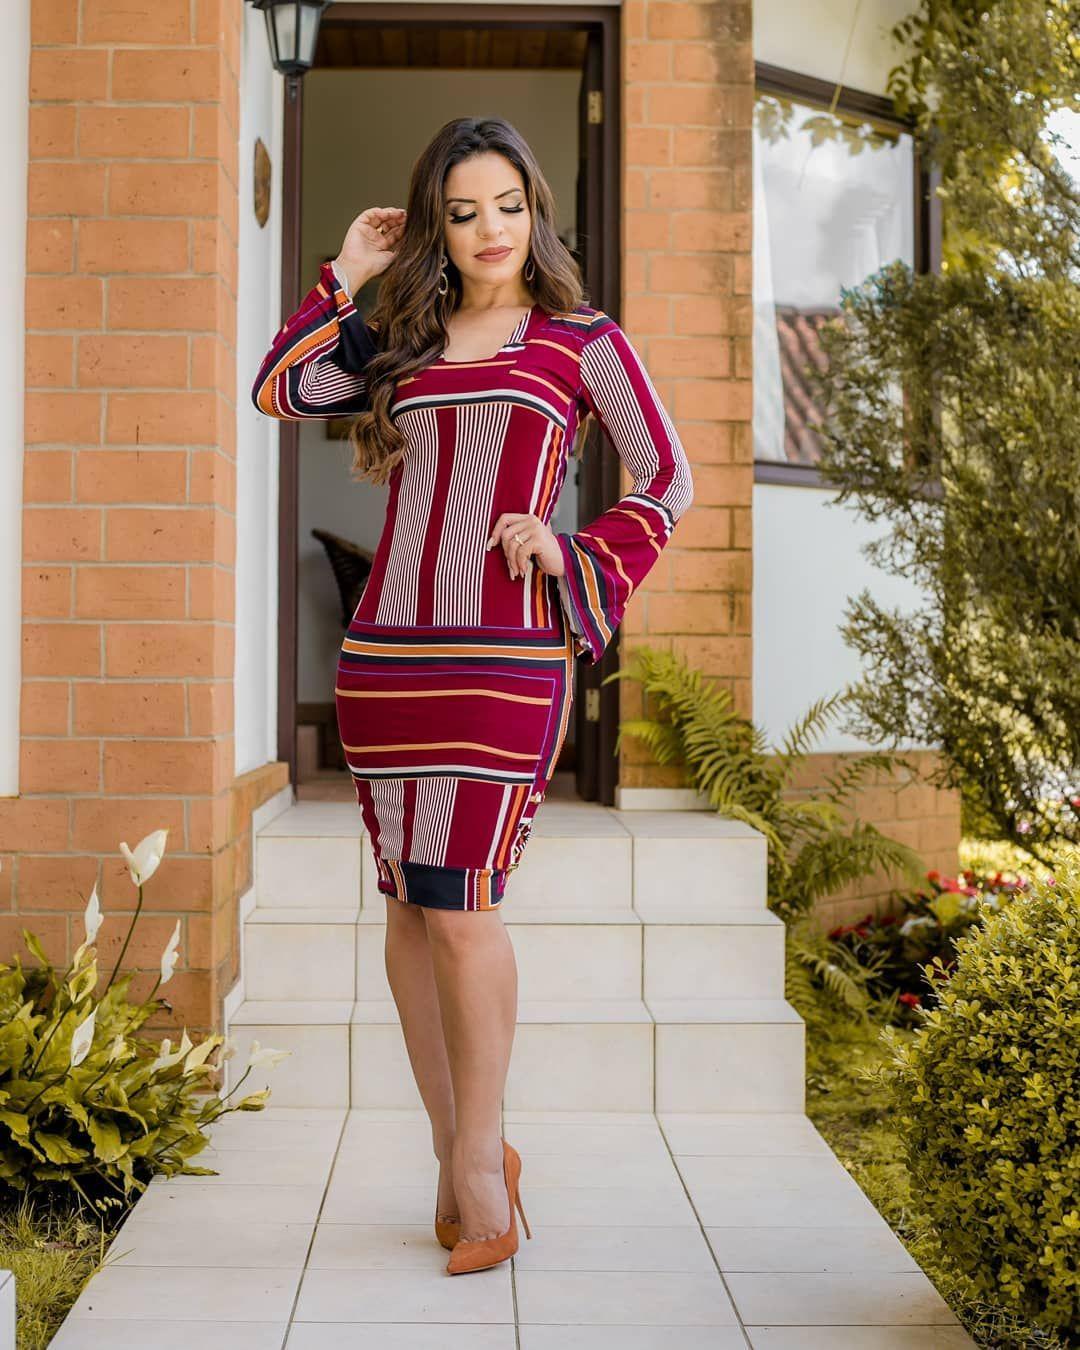 f866afe6bb6a Vestido lindoooo | vestido em 2019 | Moda, Vestidos coloridos e ...